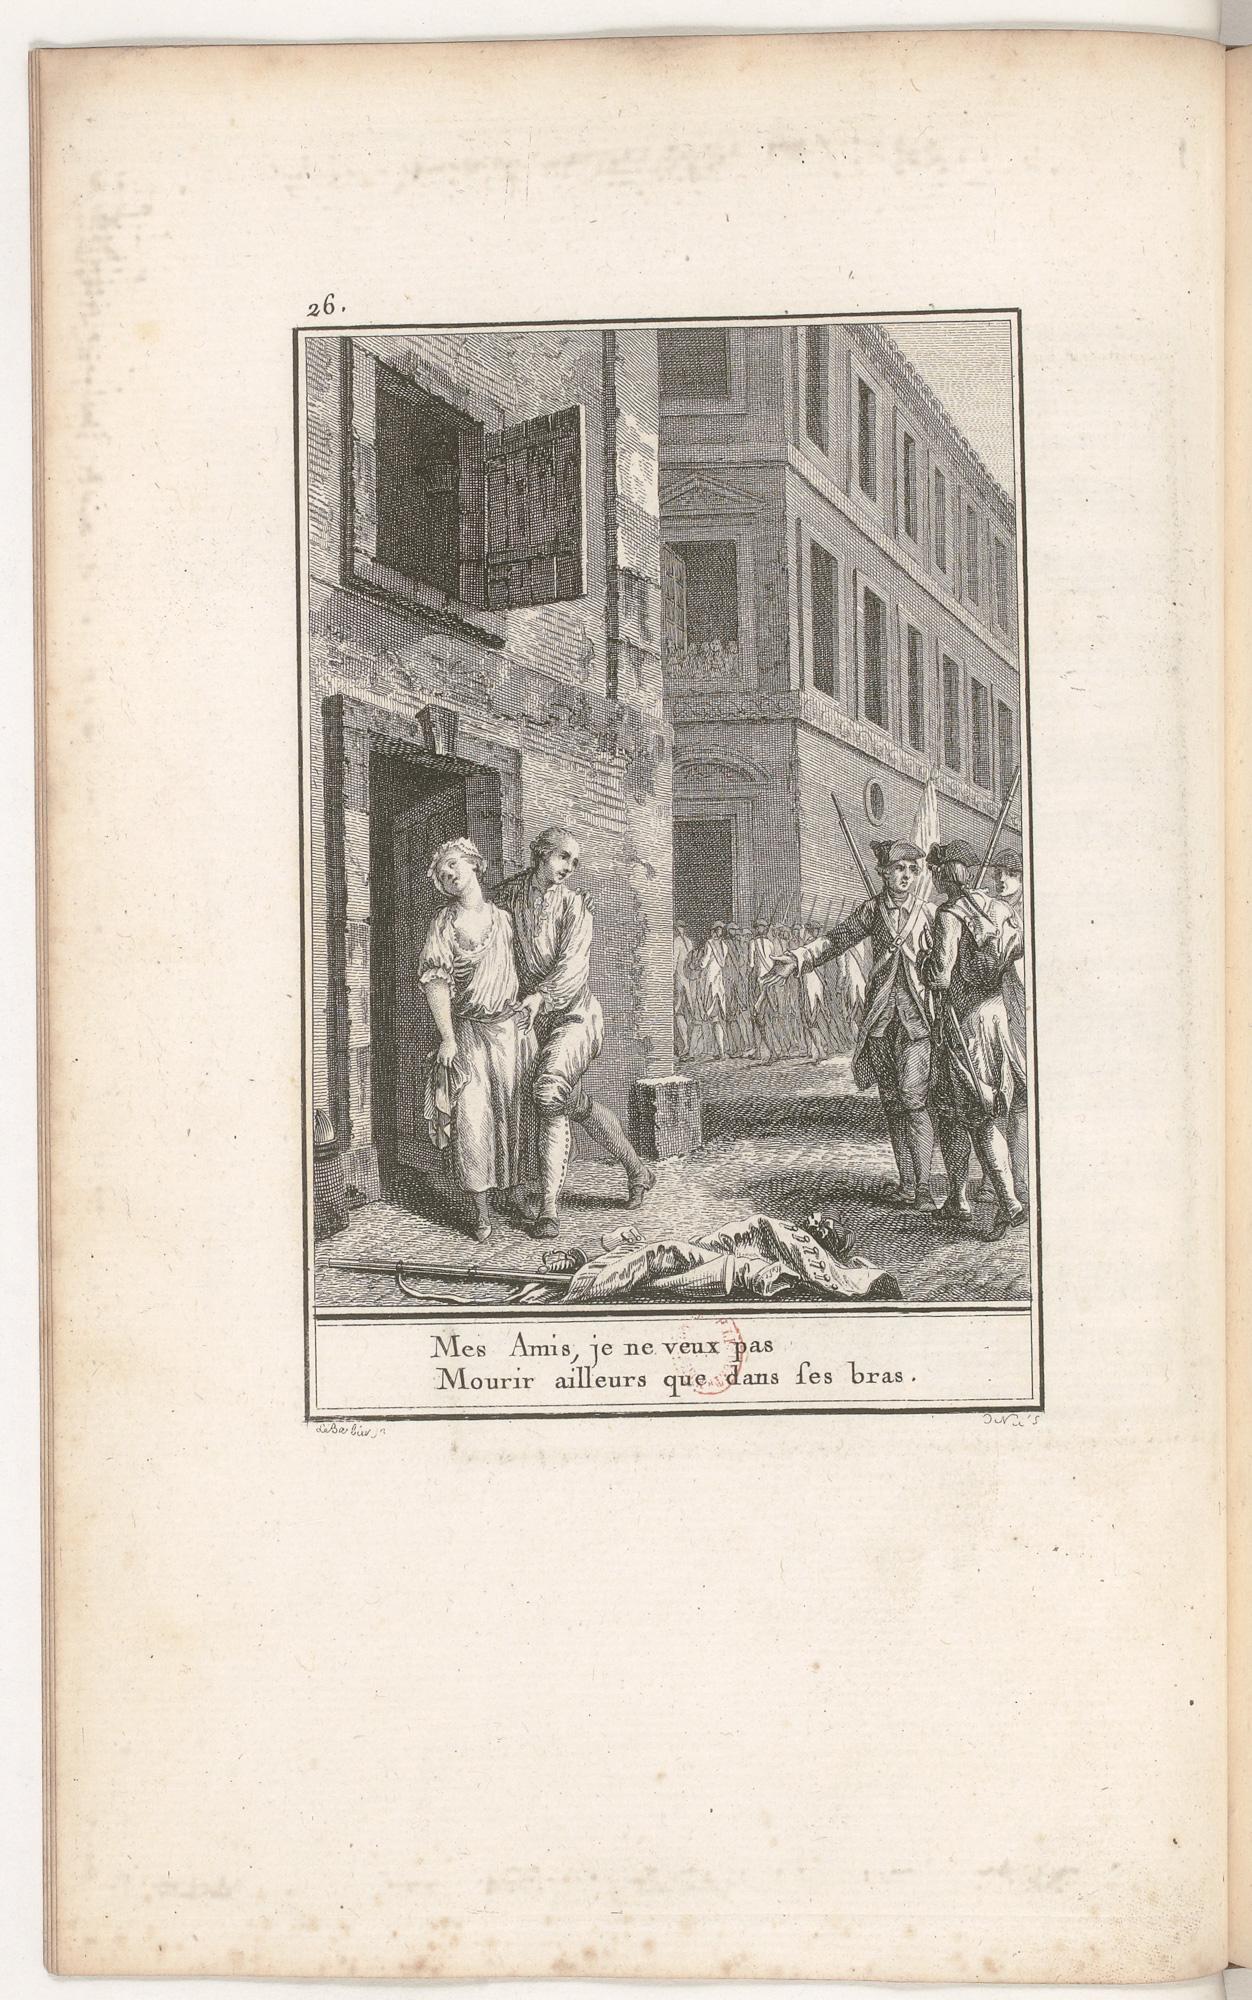 S.4.05 Le désespoir amoureux, 1772, Image